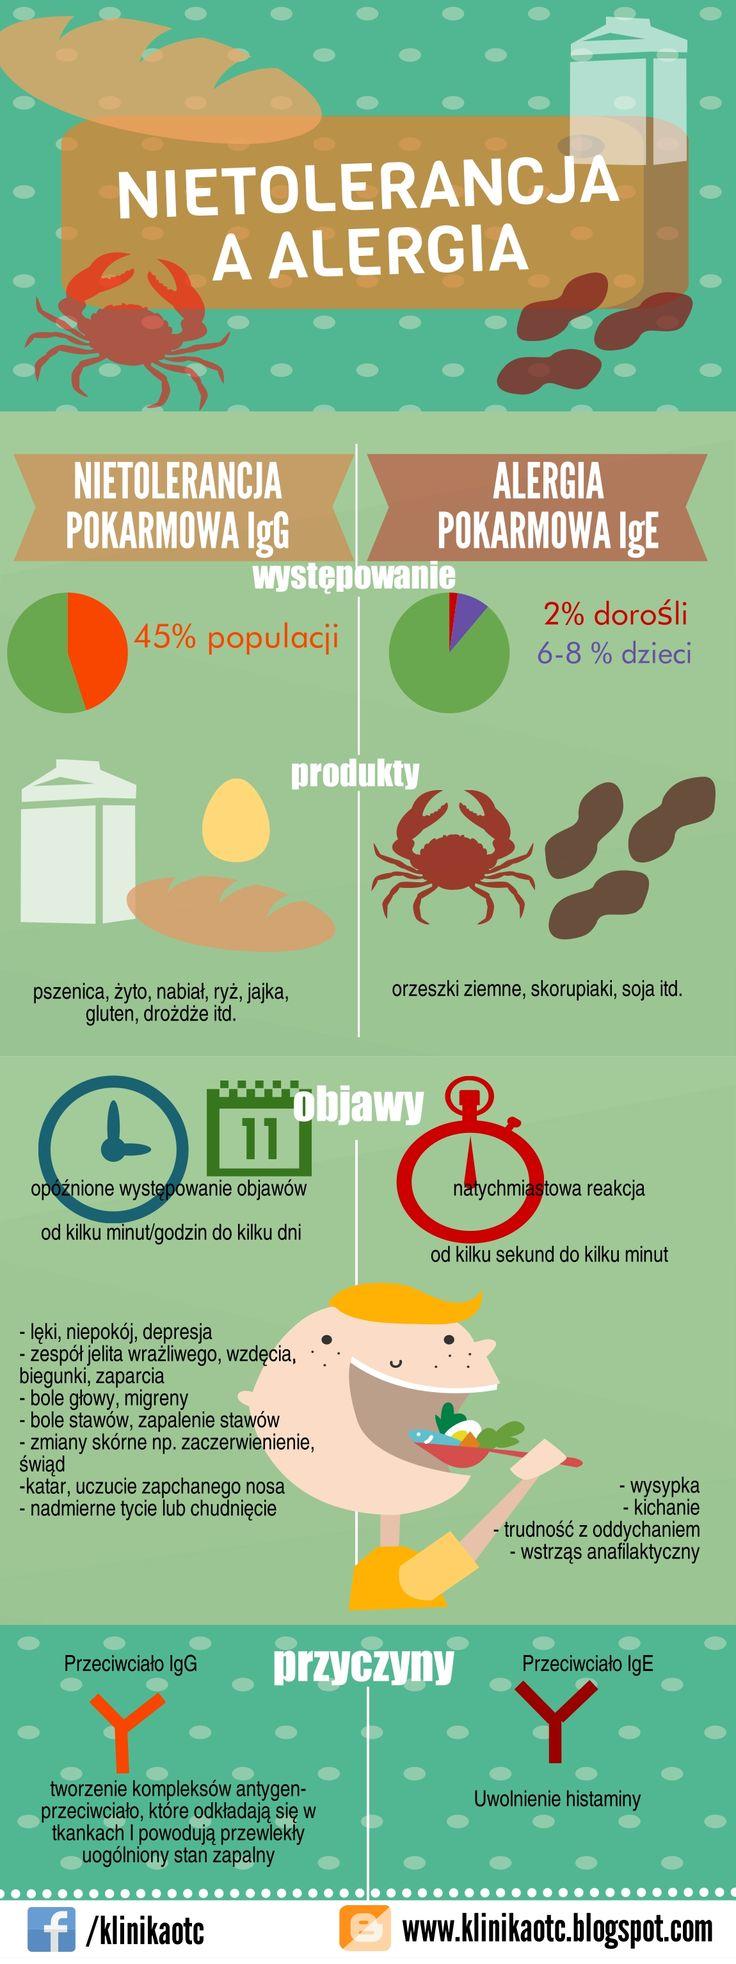 Prosta grafika pokazująca różnice między alergią a nietolerancją pokarmową.  www.klinikaotc.blogspot.com www.facebook.com/klinikaotc www.otc.szczecin.pl